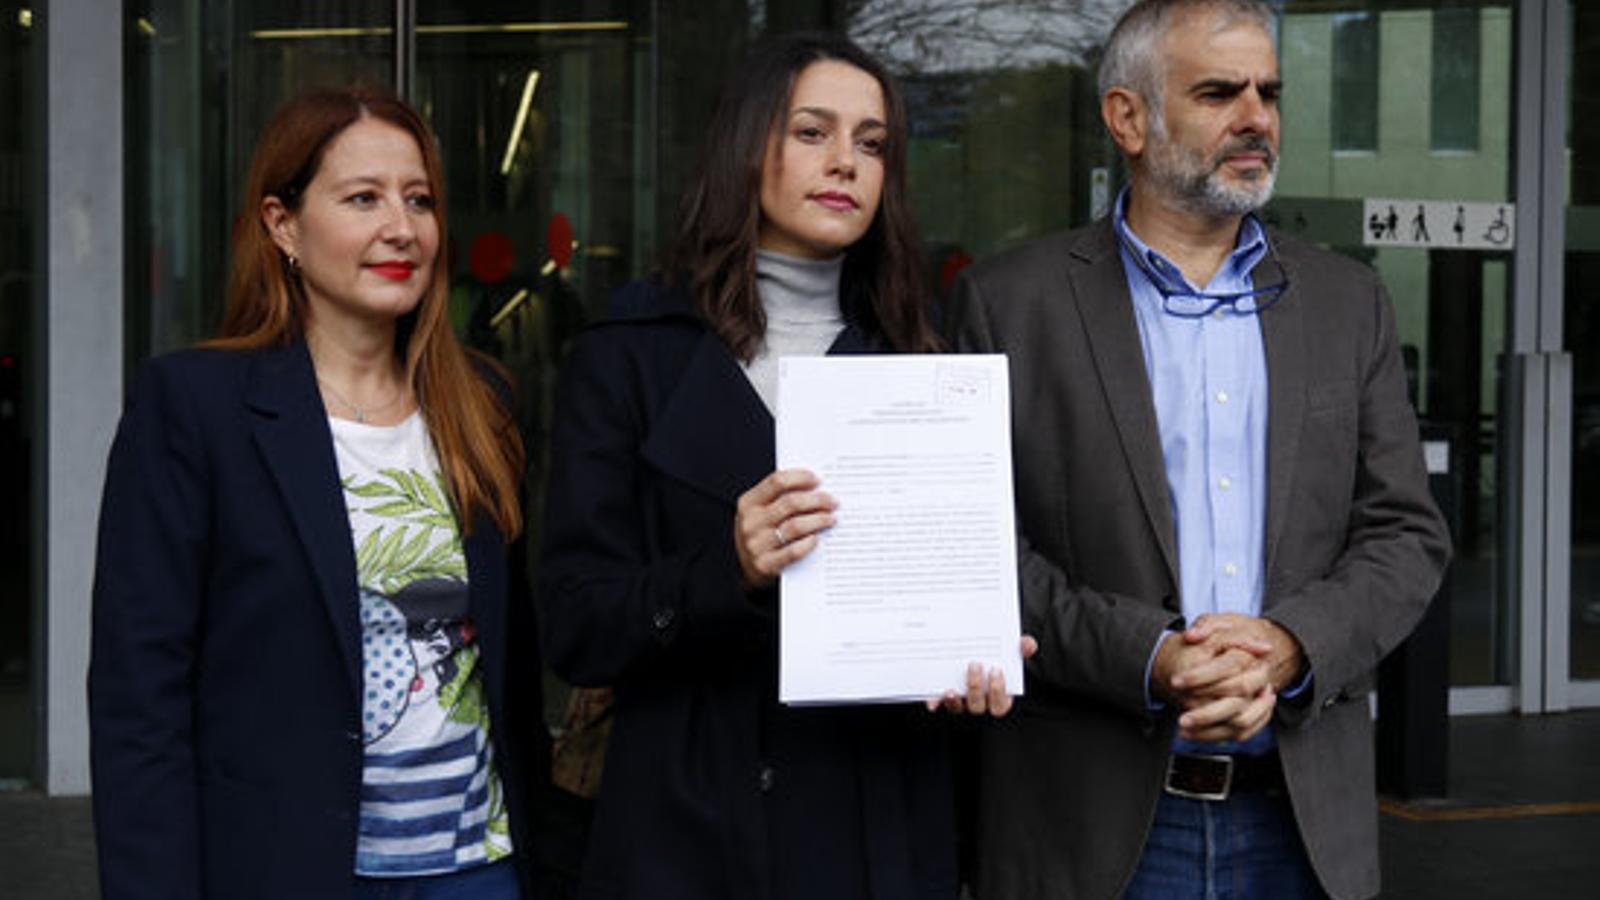 Inés Arrimadas a les portes de la Ciutat de la Justícia, abans de presentar una denúncia contra Arran